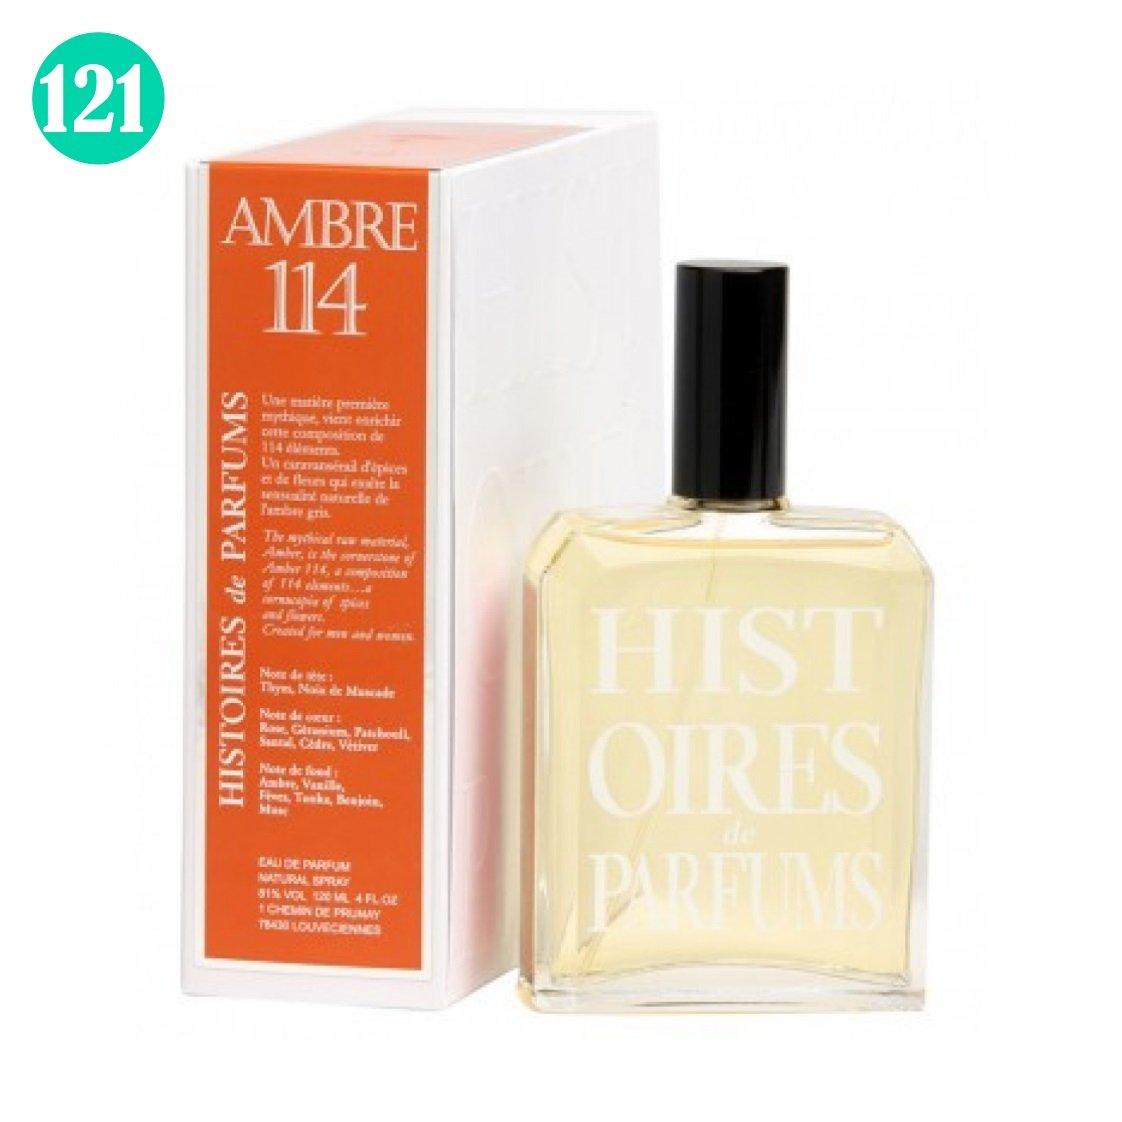 AMBRE 114 di Histoires de Parfums unisex